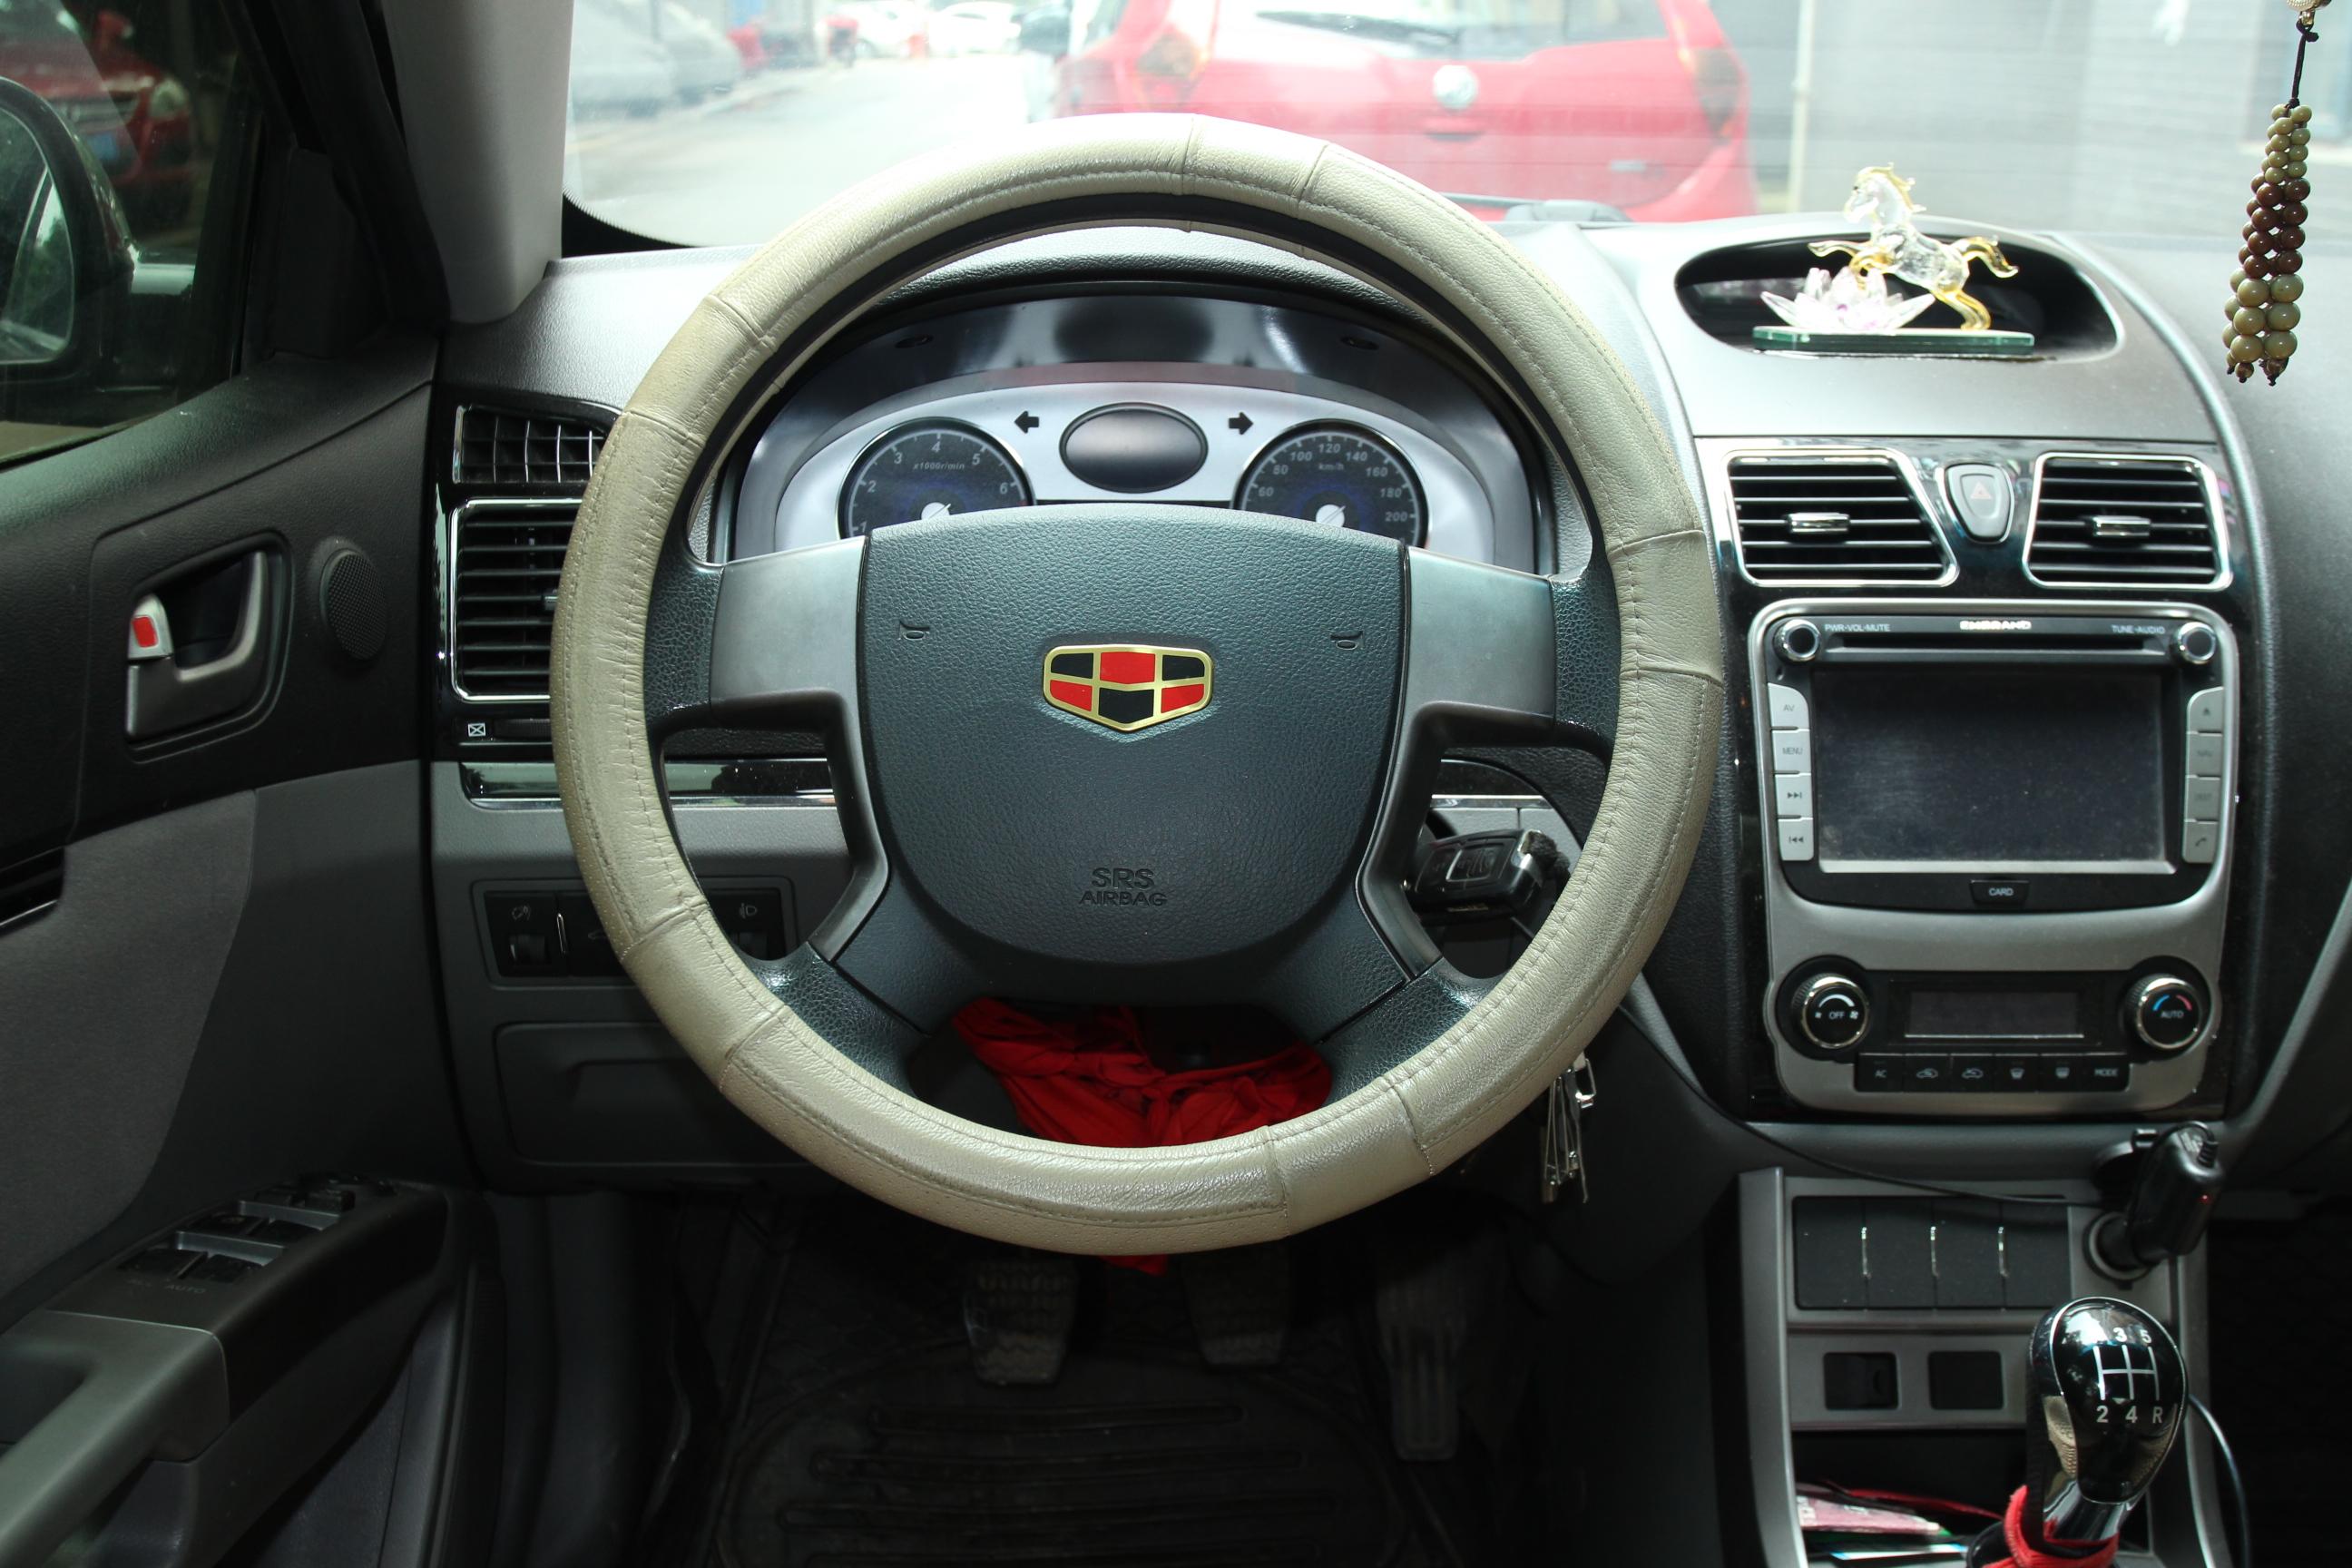 帝豪汽车内部按钮图解